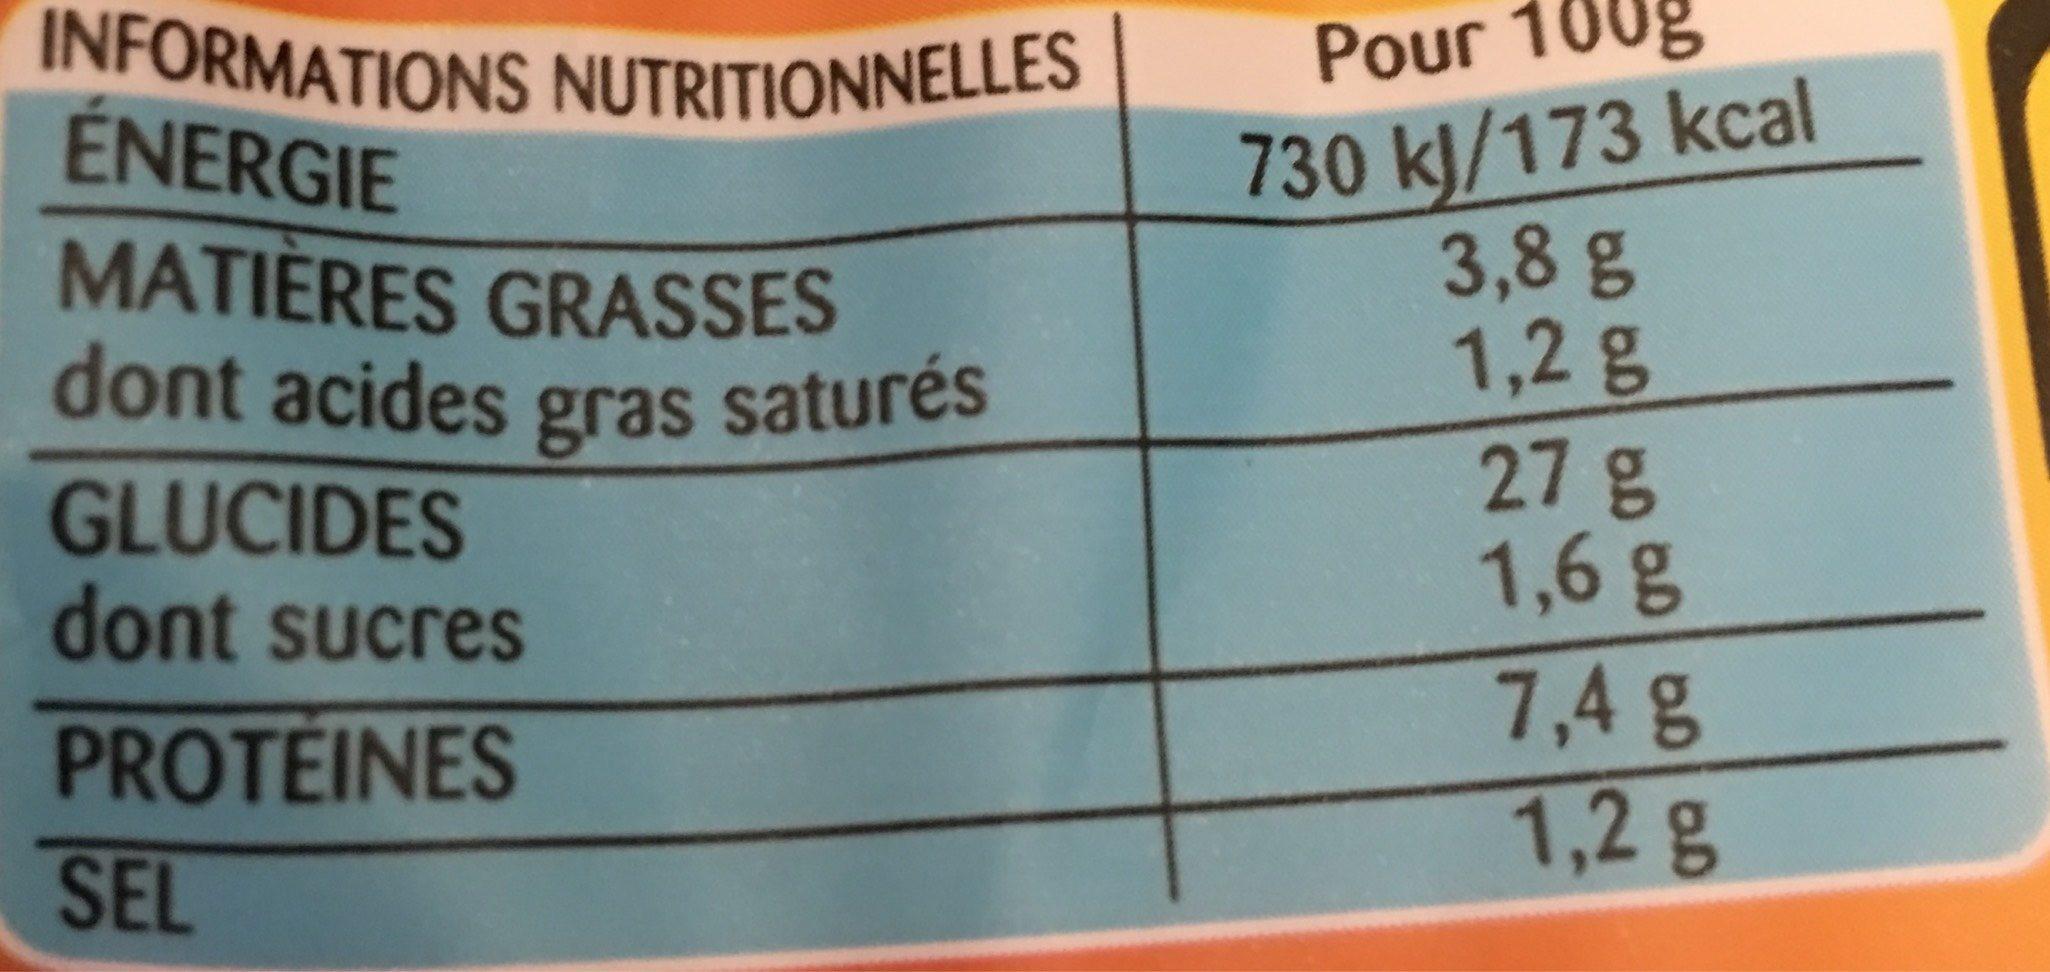 Lustucru tortellini a poeler jambon emmental - Informations nutritionnelles - fr